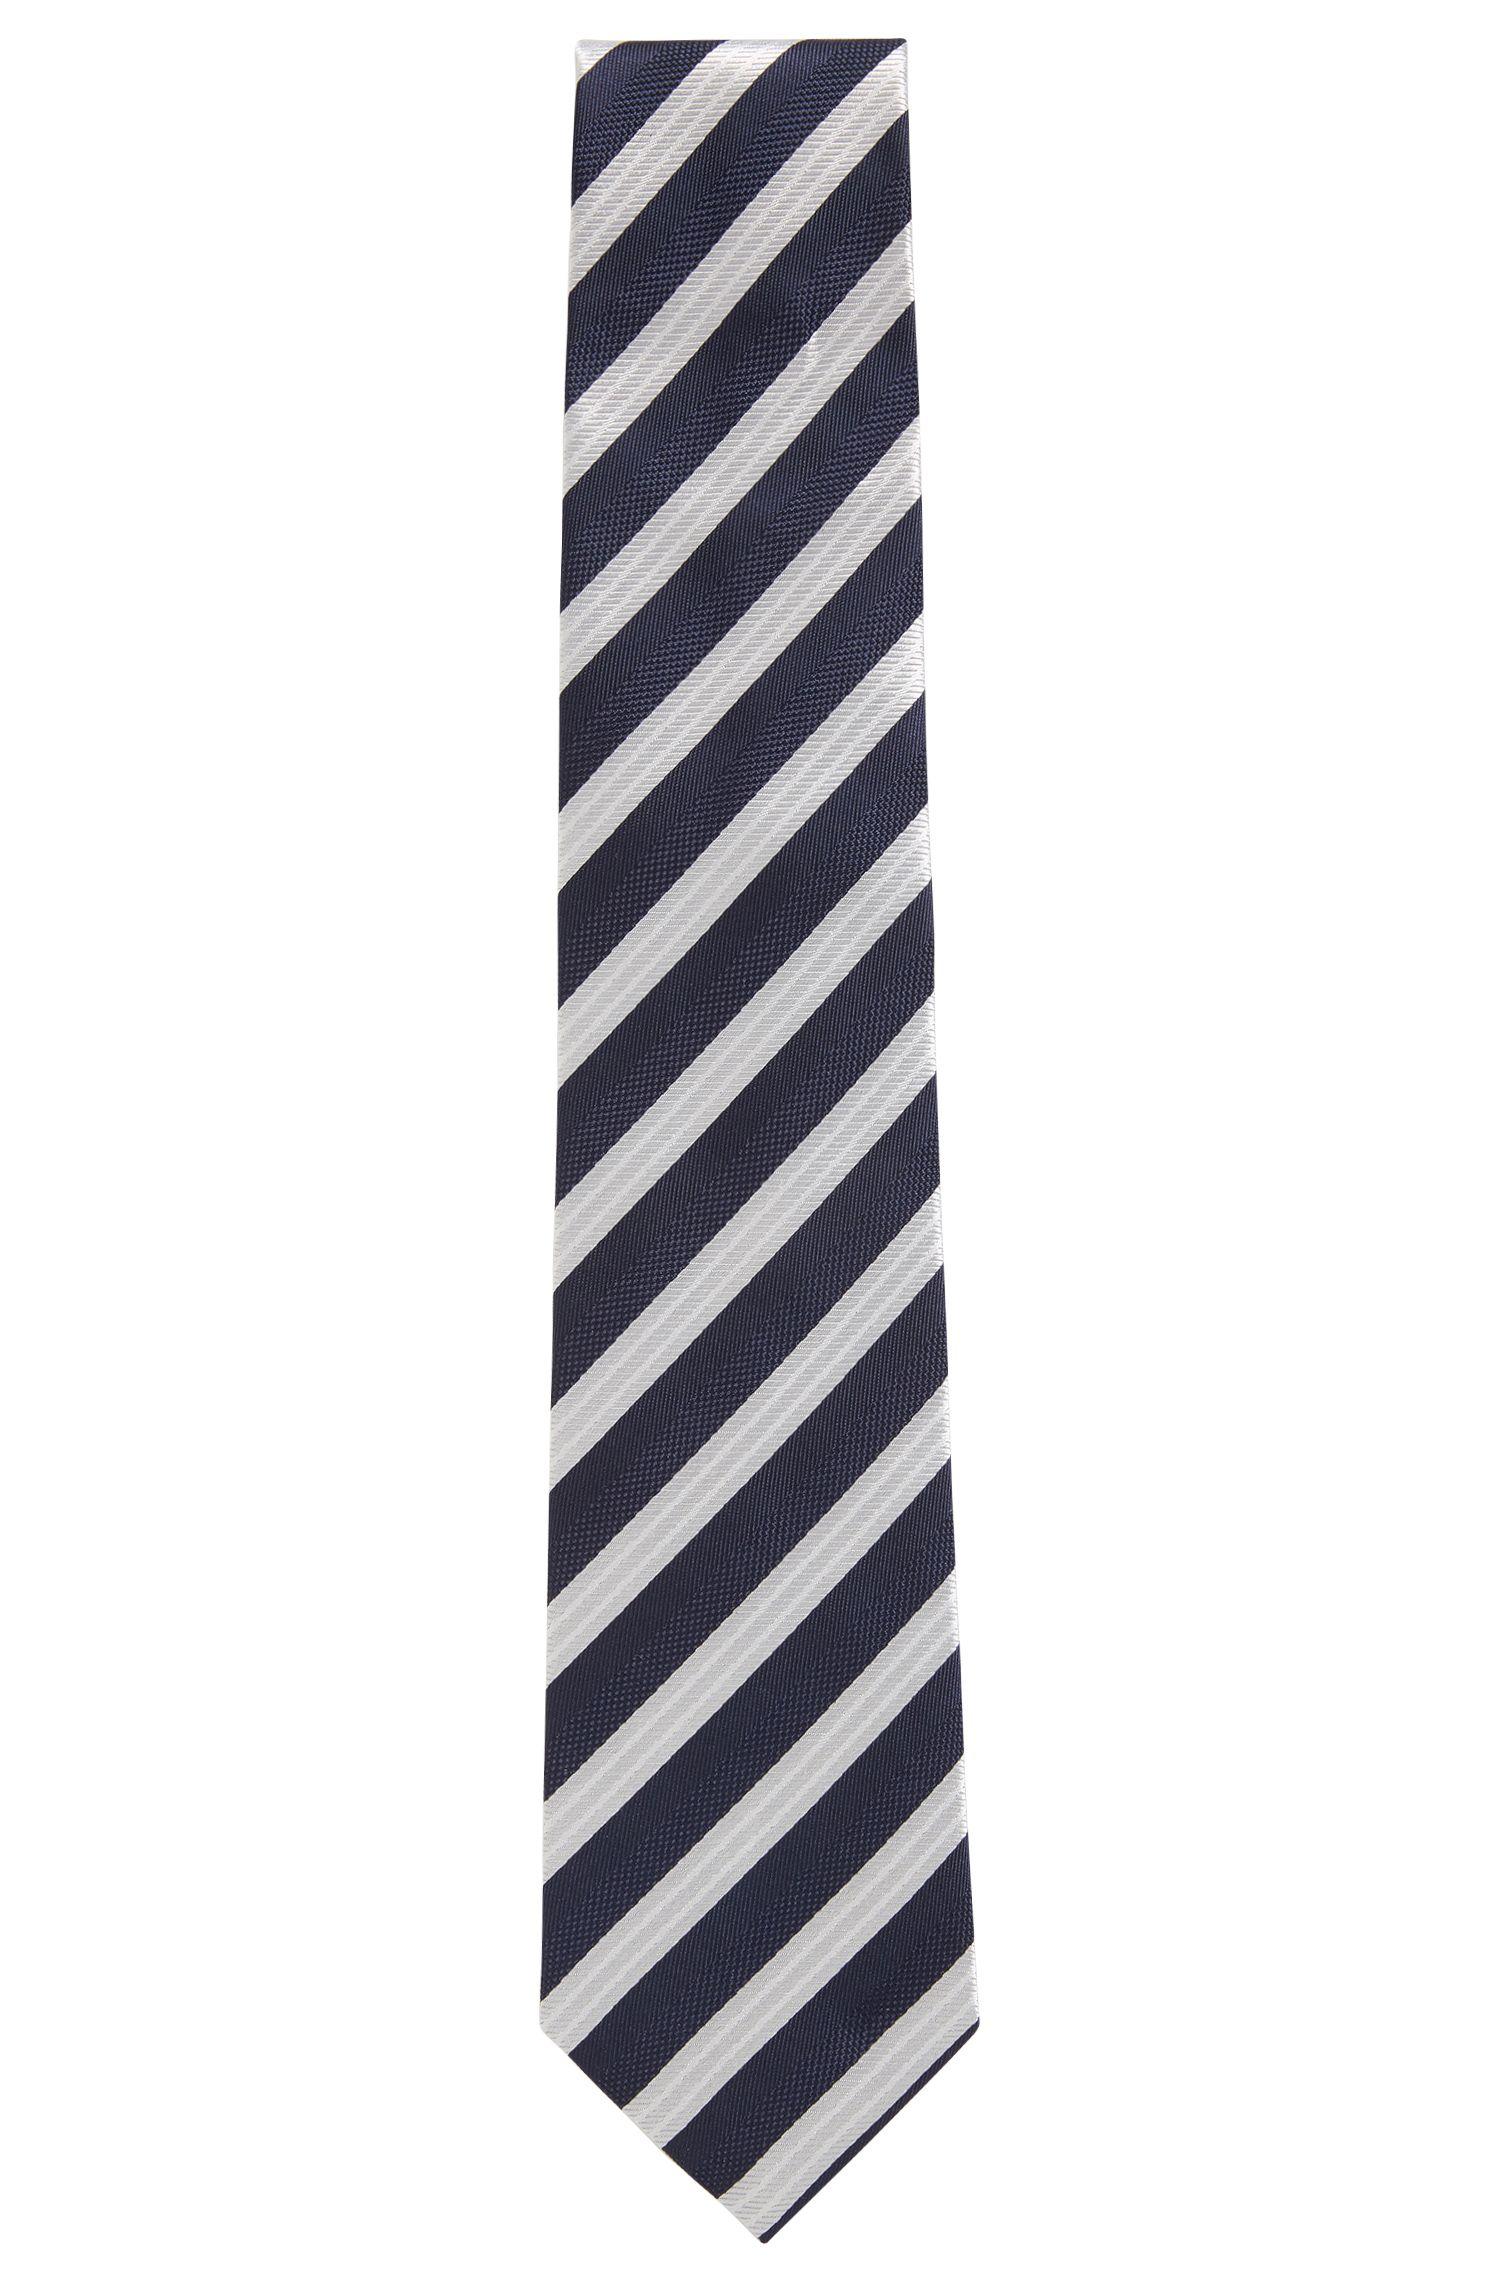 Cravate en jacquard de soie avec rayures en diagonale